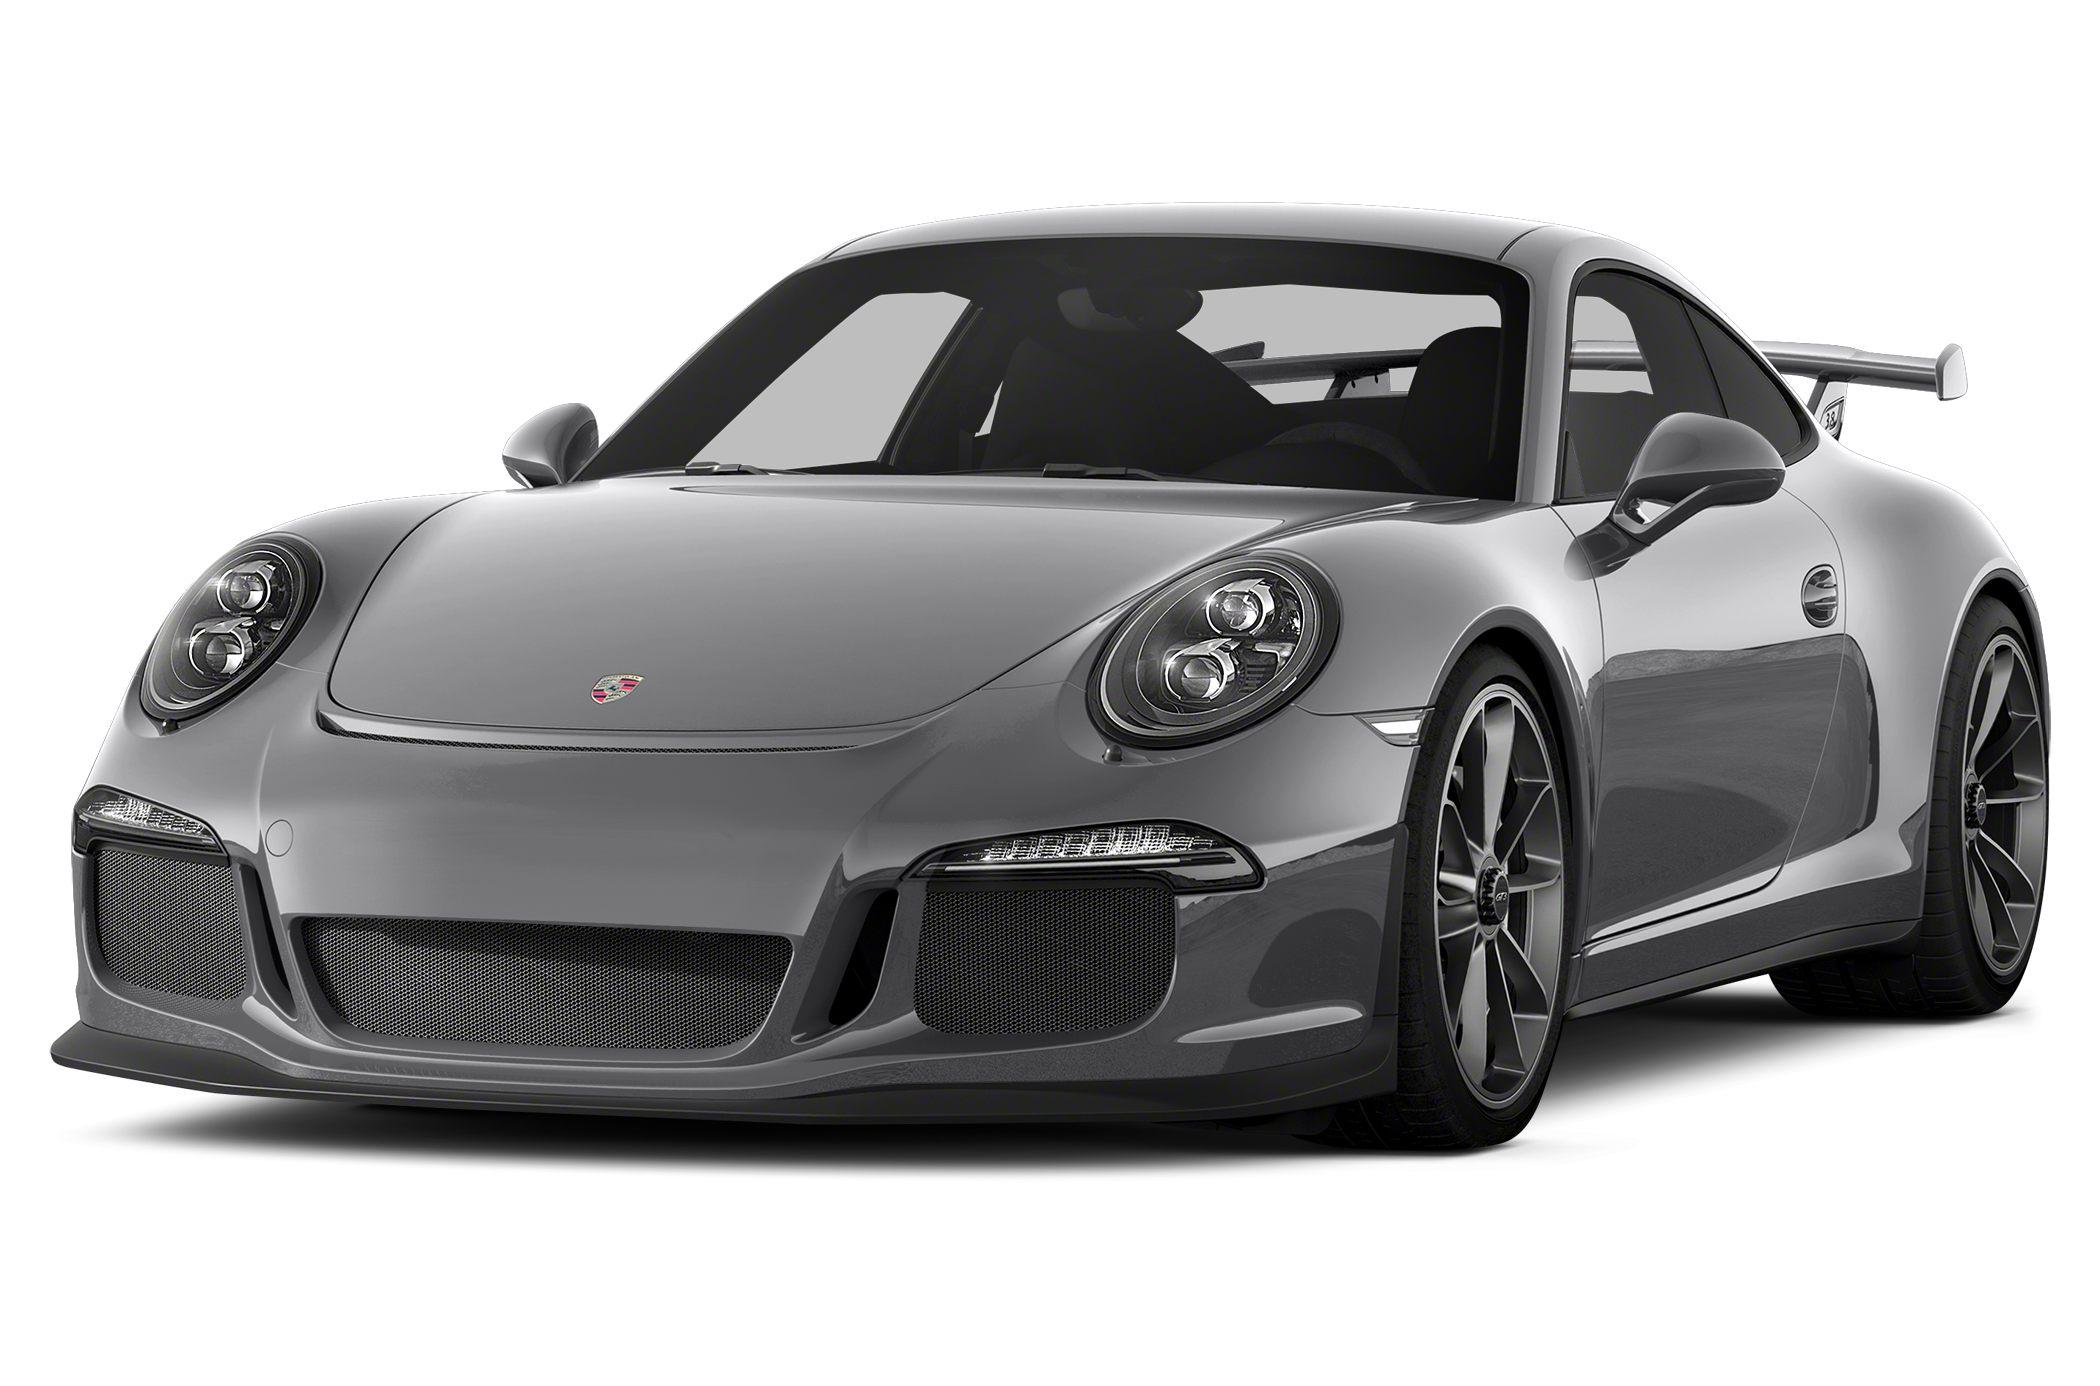 2015 Porsche 911 GT3 The Porsche 911 GT3 is a high performance version of the Porsche 911 sports c